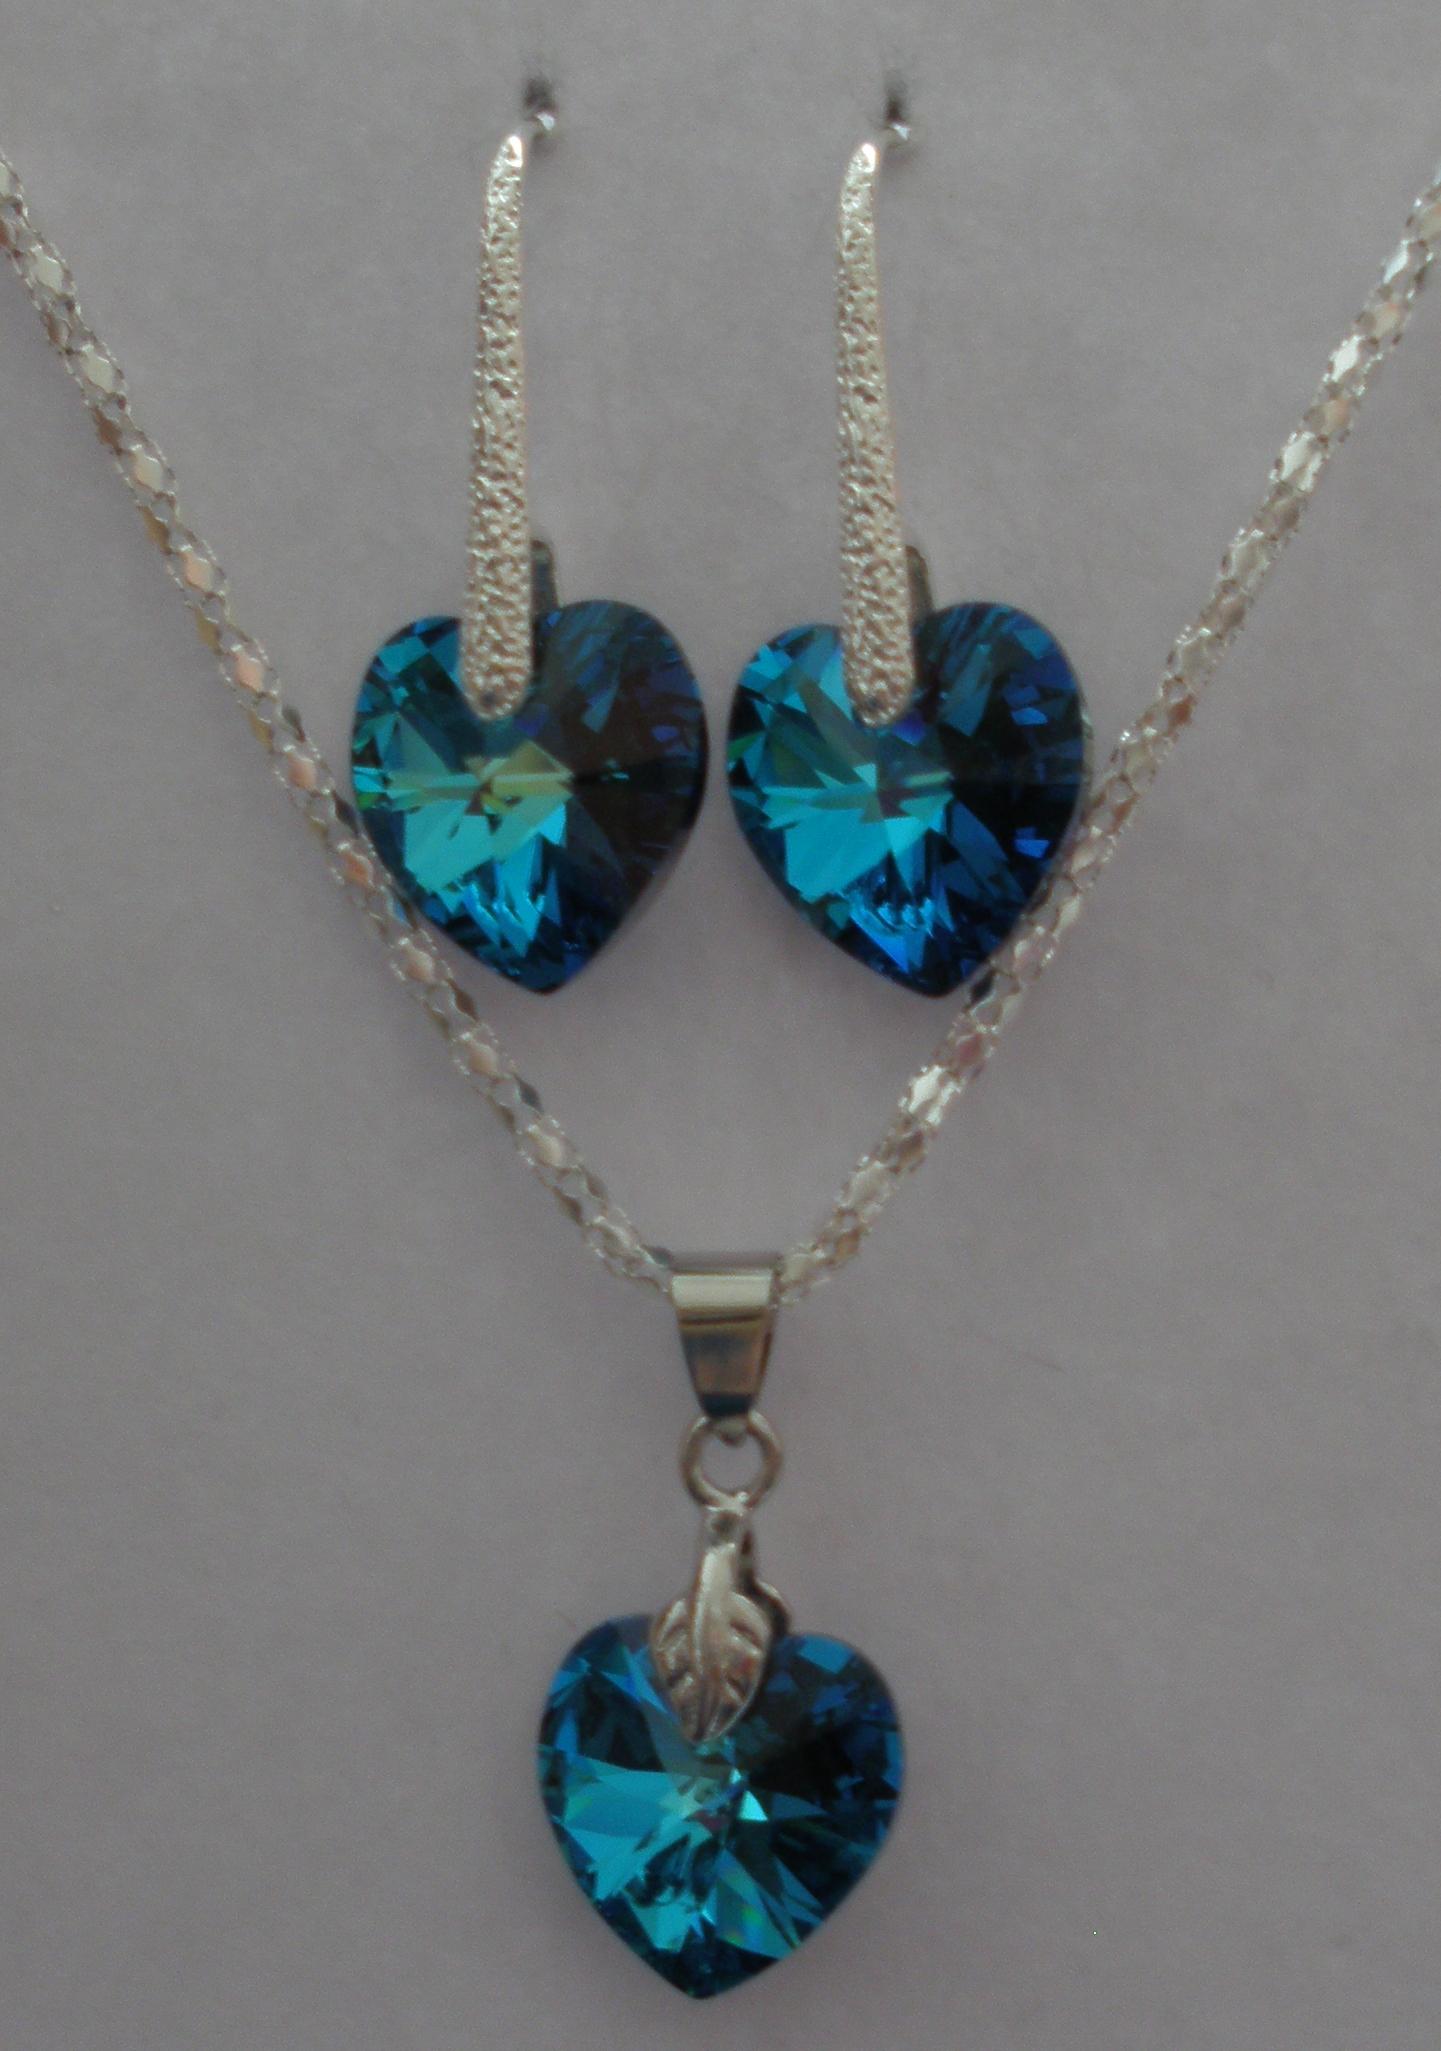 Sada Swarovski Srdce Bermuda Blue s bižuterními komponenty (Sw14Sr10) 89f9dec84ff